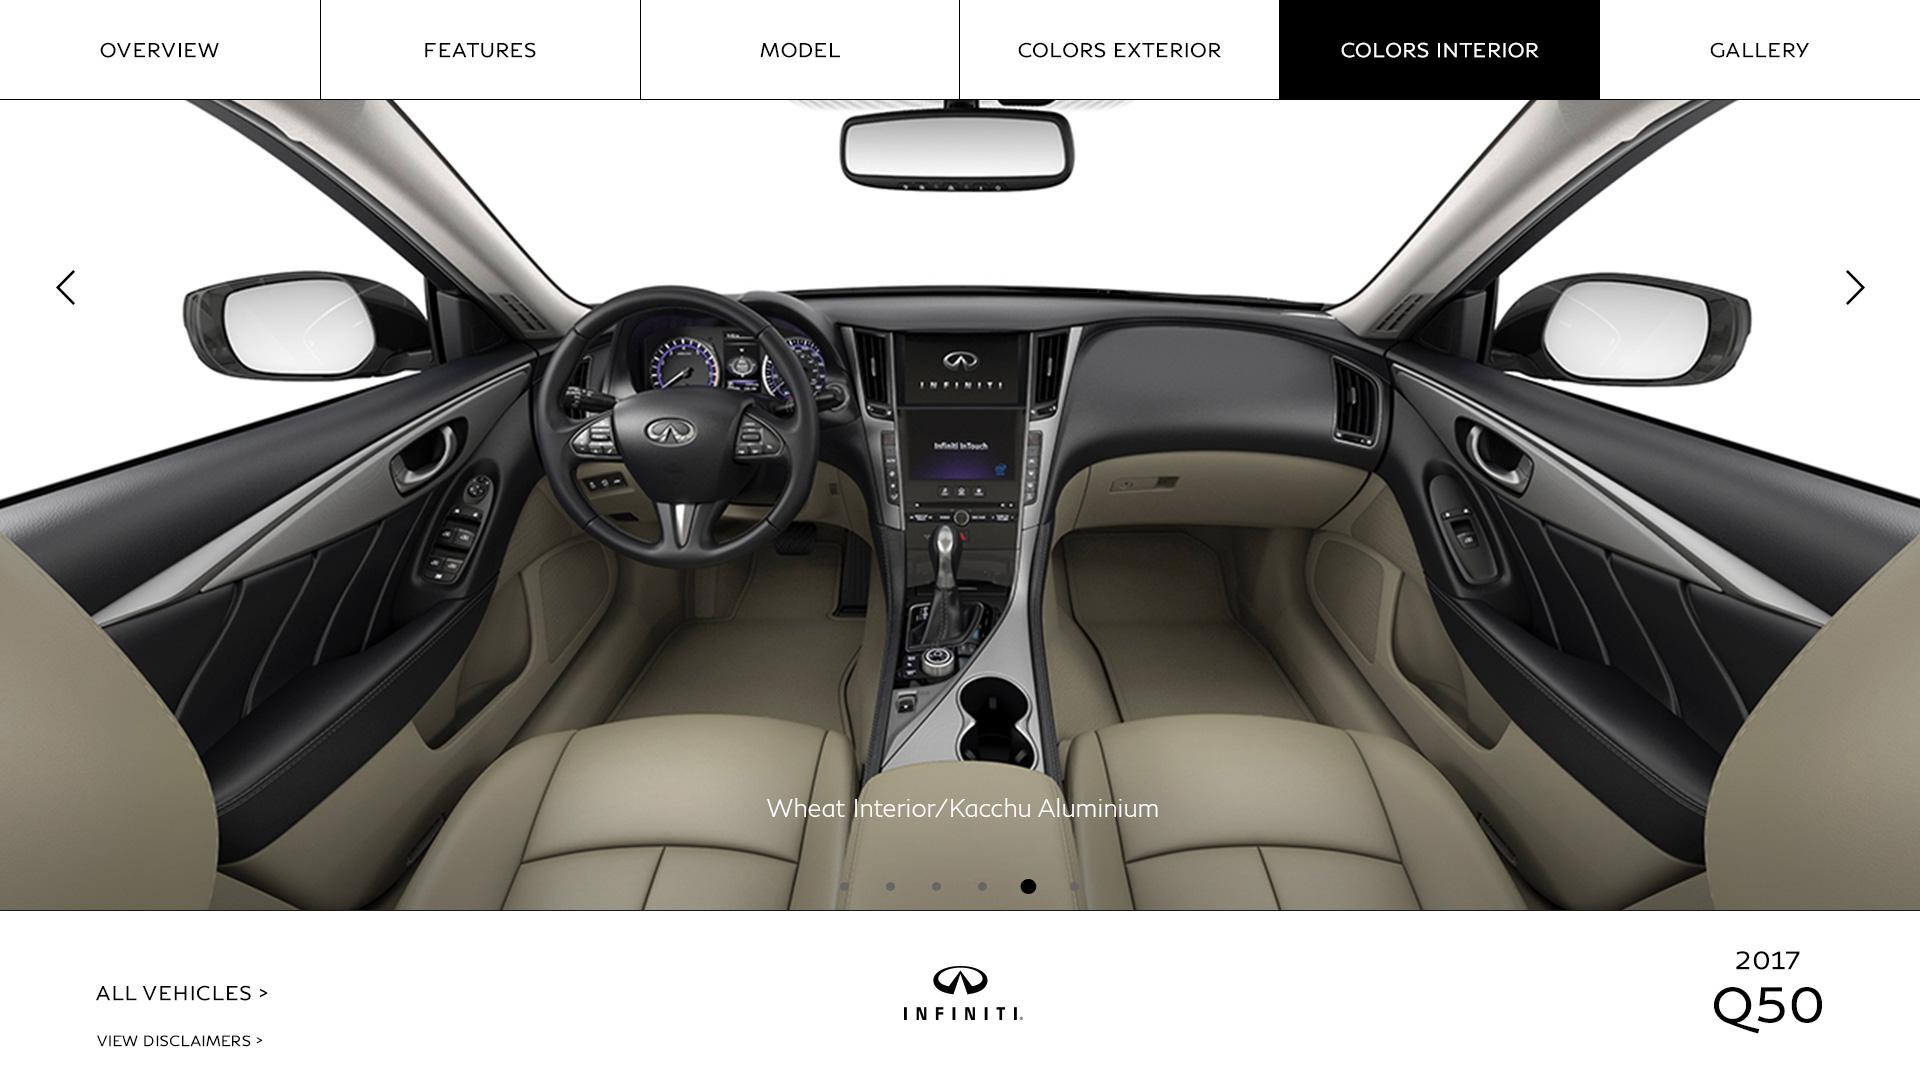 Infiniti_Wheelstand_Q50_v02_hdtv_interior02